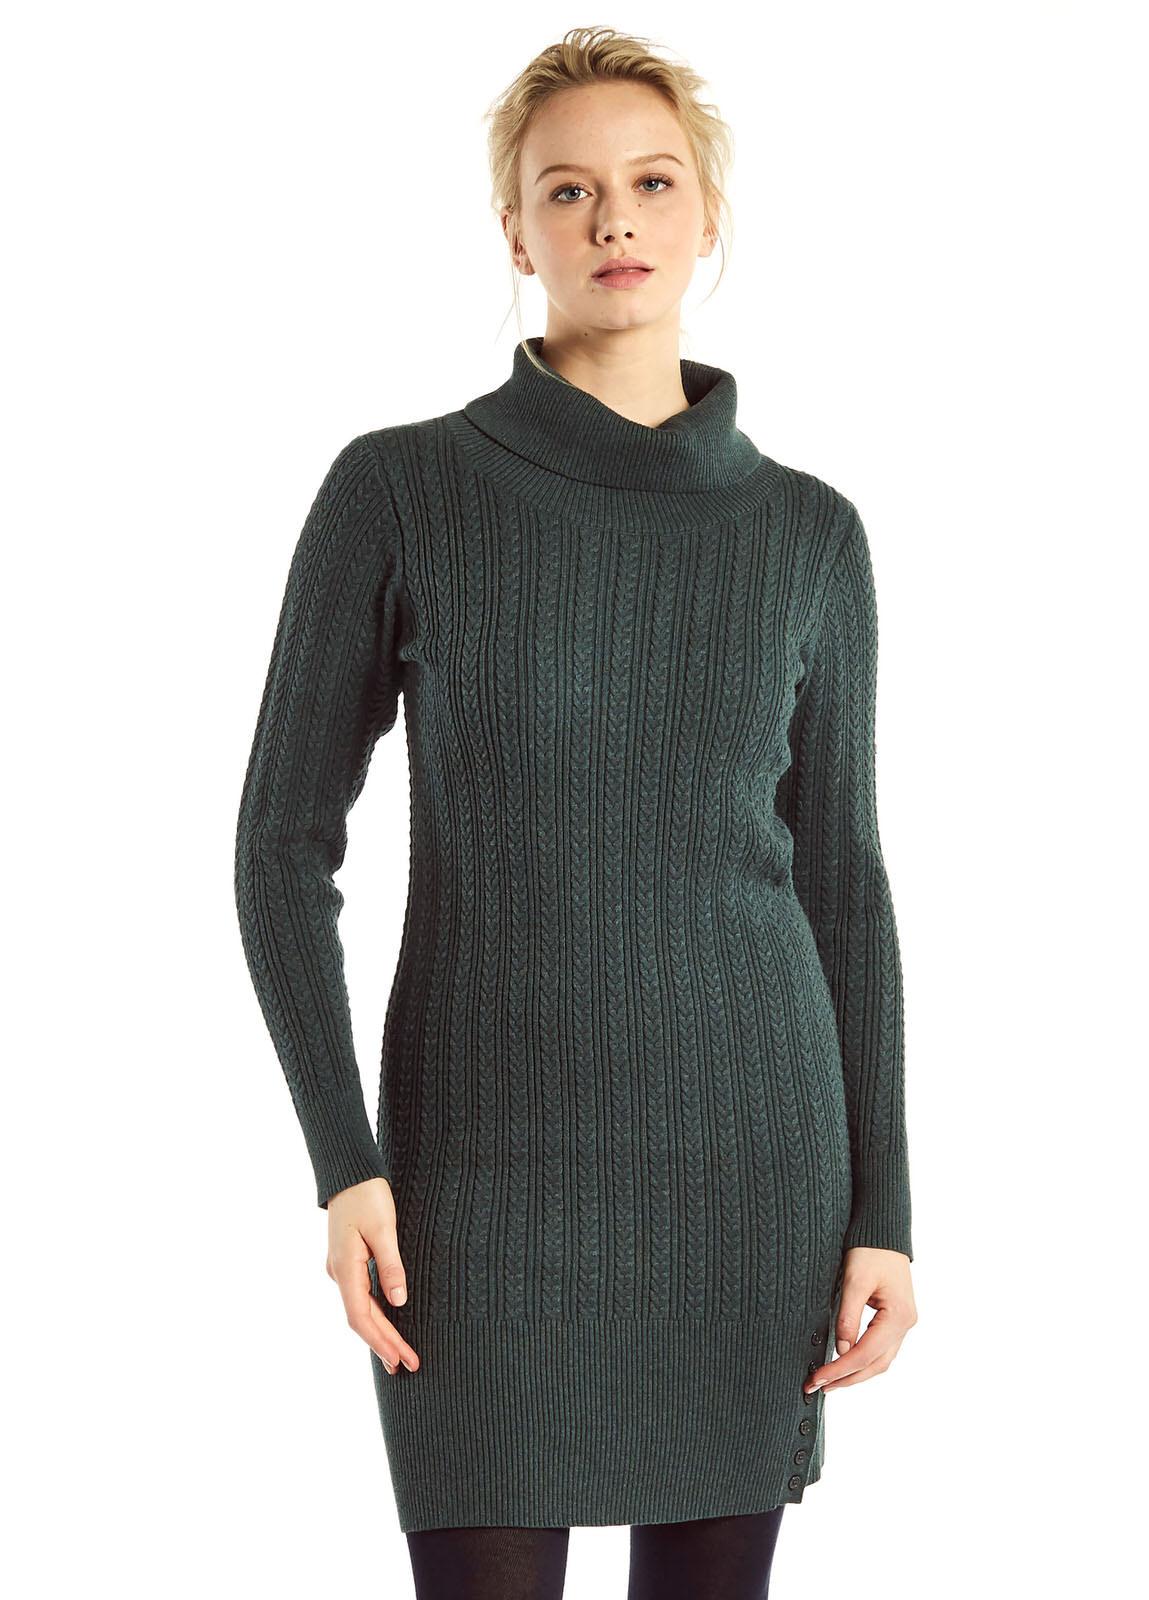 Westport_Sweater_dress_Verdigris_Image_3